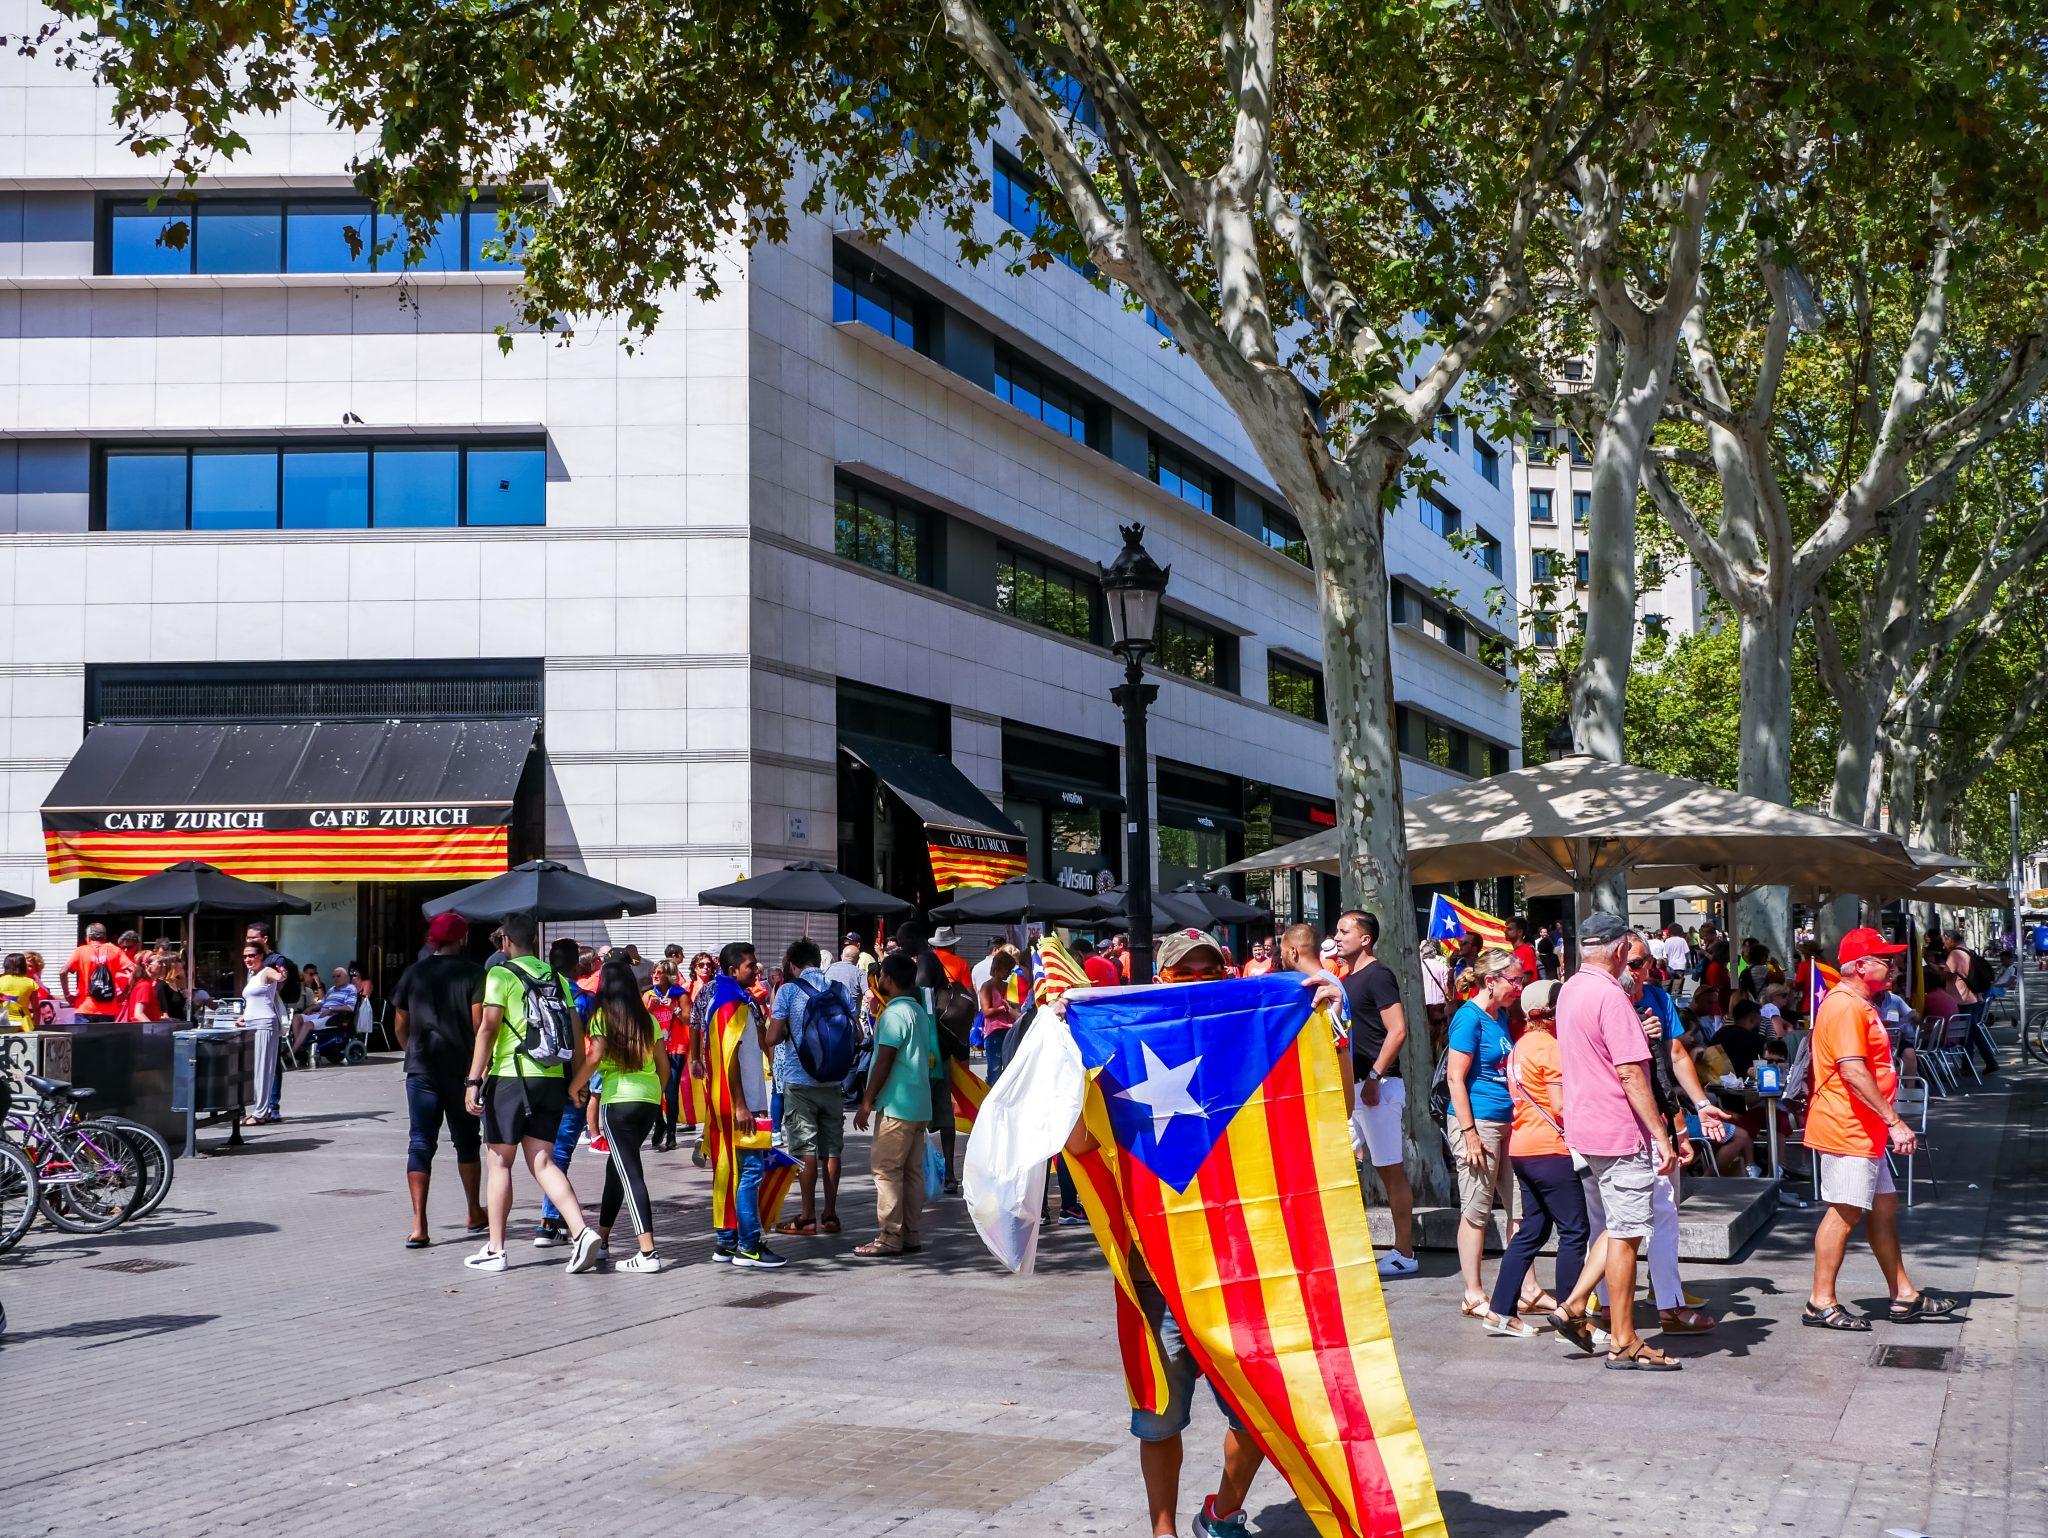 Überall stehen Menschen am Día de Cataluña, welche dir eine Flagge für die Unabhängigkeitsbewegung verkaufen möchten. Auf dem Bild direkt neben dem Plaza de Cataluña in Barcelona.